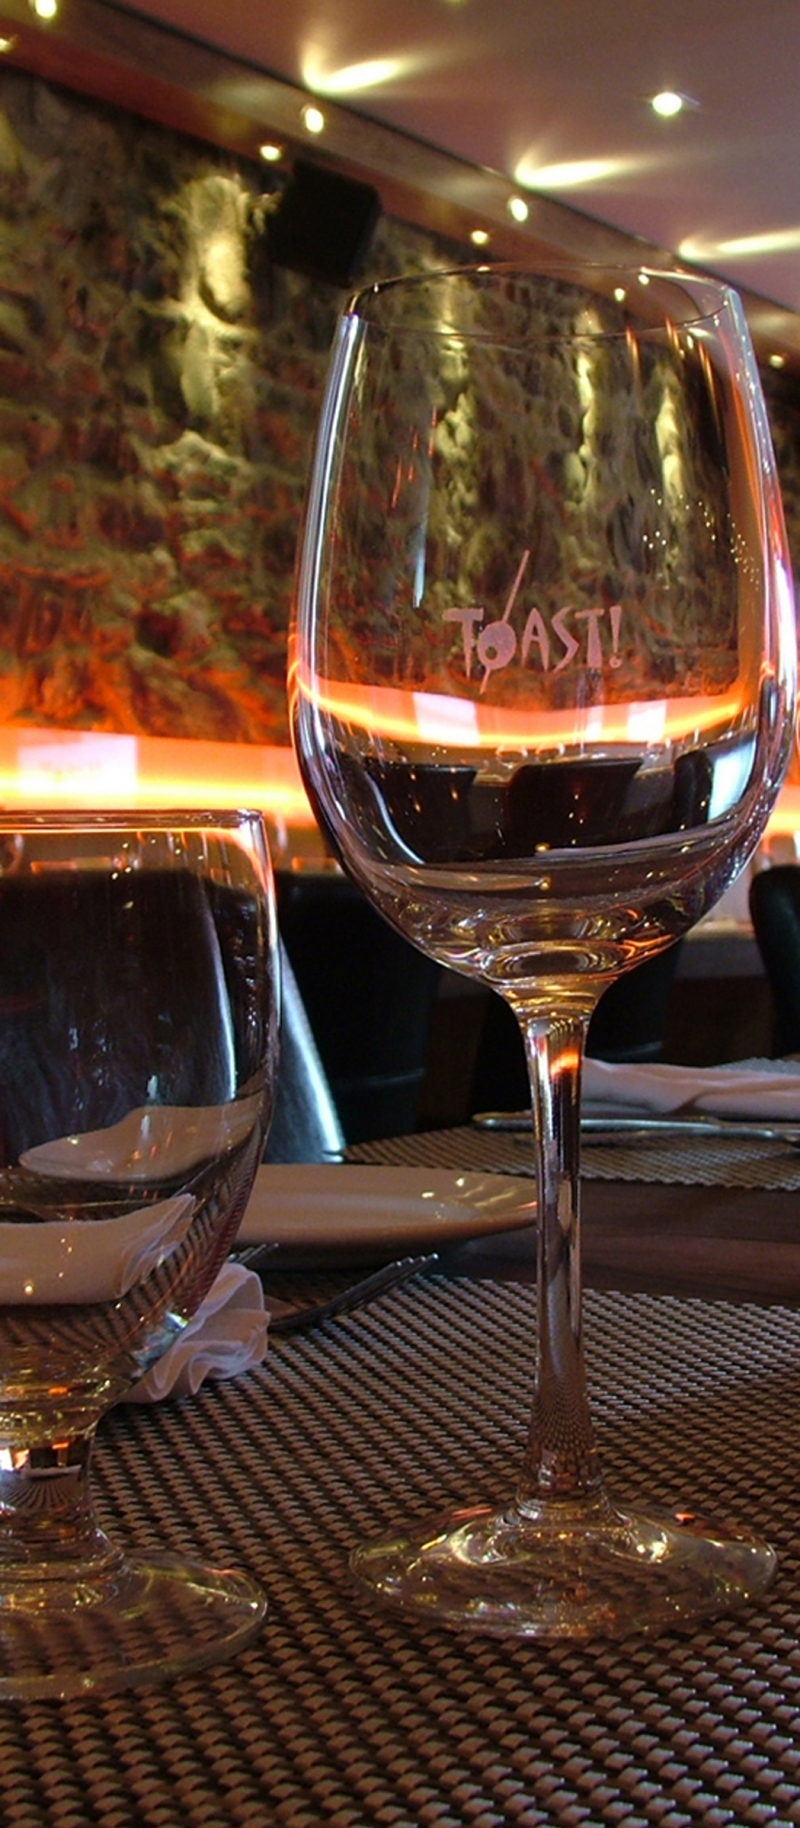 Restauration restaurant toast cuisine fine qu bec capitale nationale - Restaurant vieux port de quebec ...